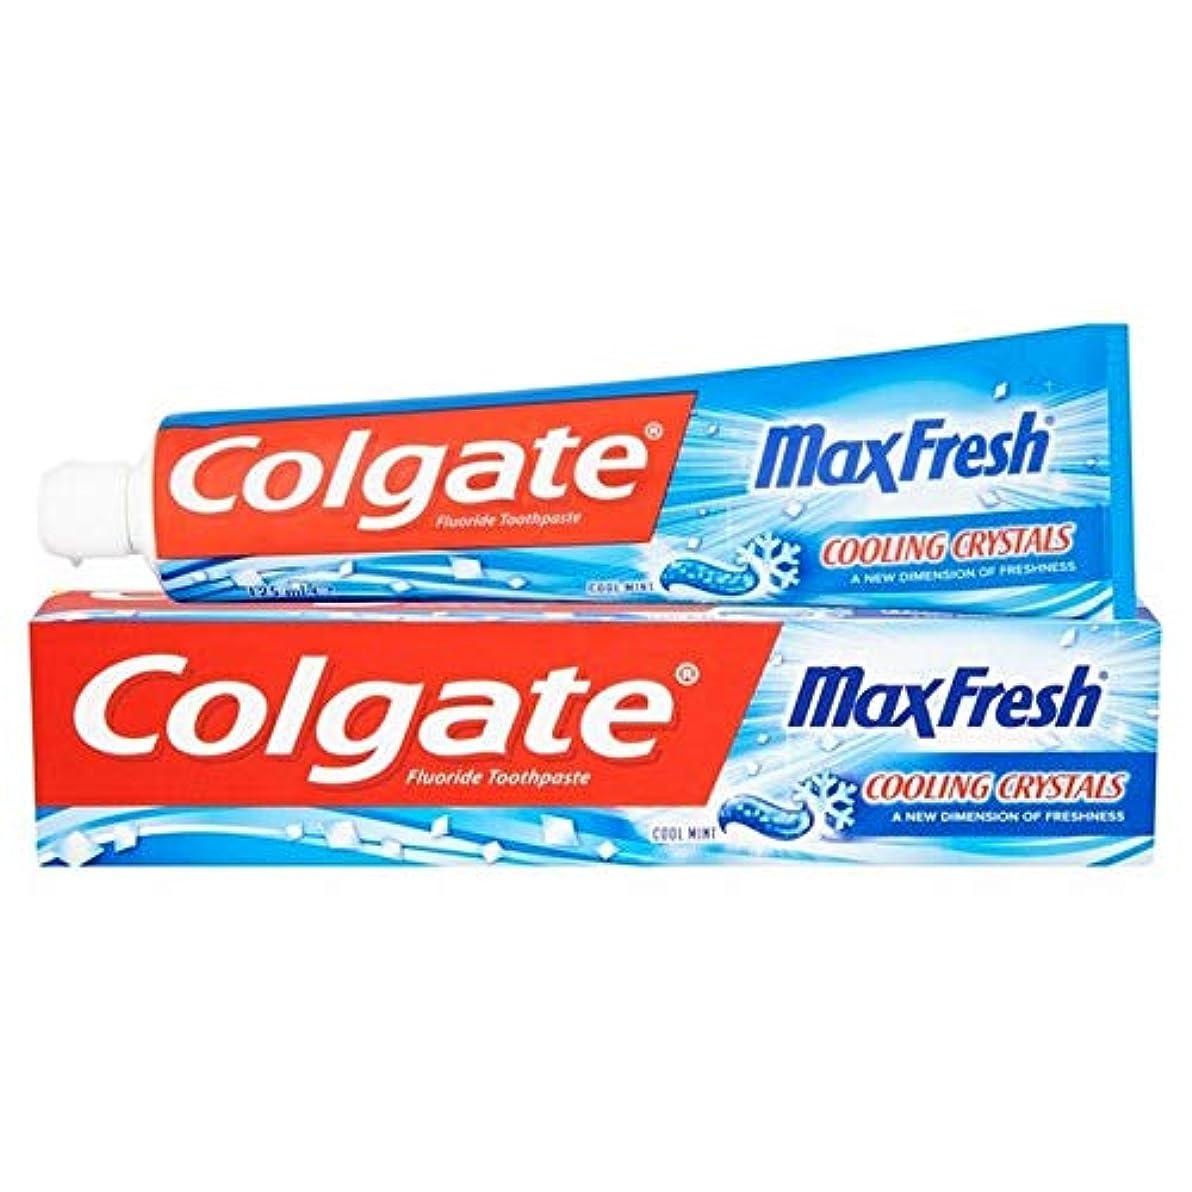 メール取り替えるアミューズメント[Colgate ] 冷却結晶歯磨き粉の125ミリリットル新鮮なコルゲートマックス - Colgate Max Fresh with Cooling Crystals Toothpaste 125ml [並行輸入品]